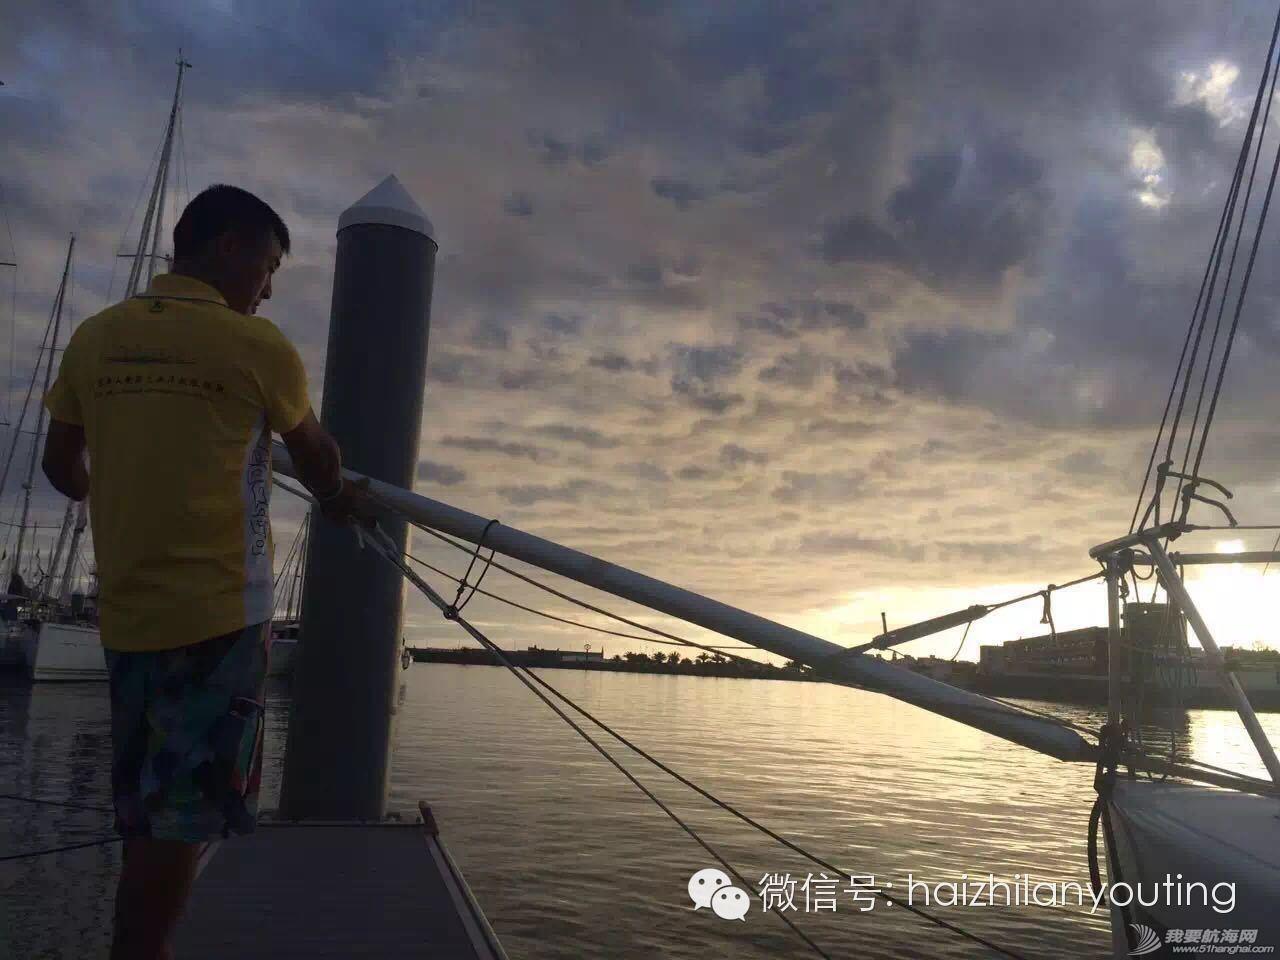 大西洋,中国海,朋友,决战 京坤在MINI TRANSAT | Mini transat第二赛段起航,决战大西洋 b384dad083fb7423365fe5205c83b435.jpg